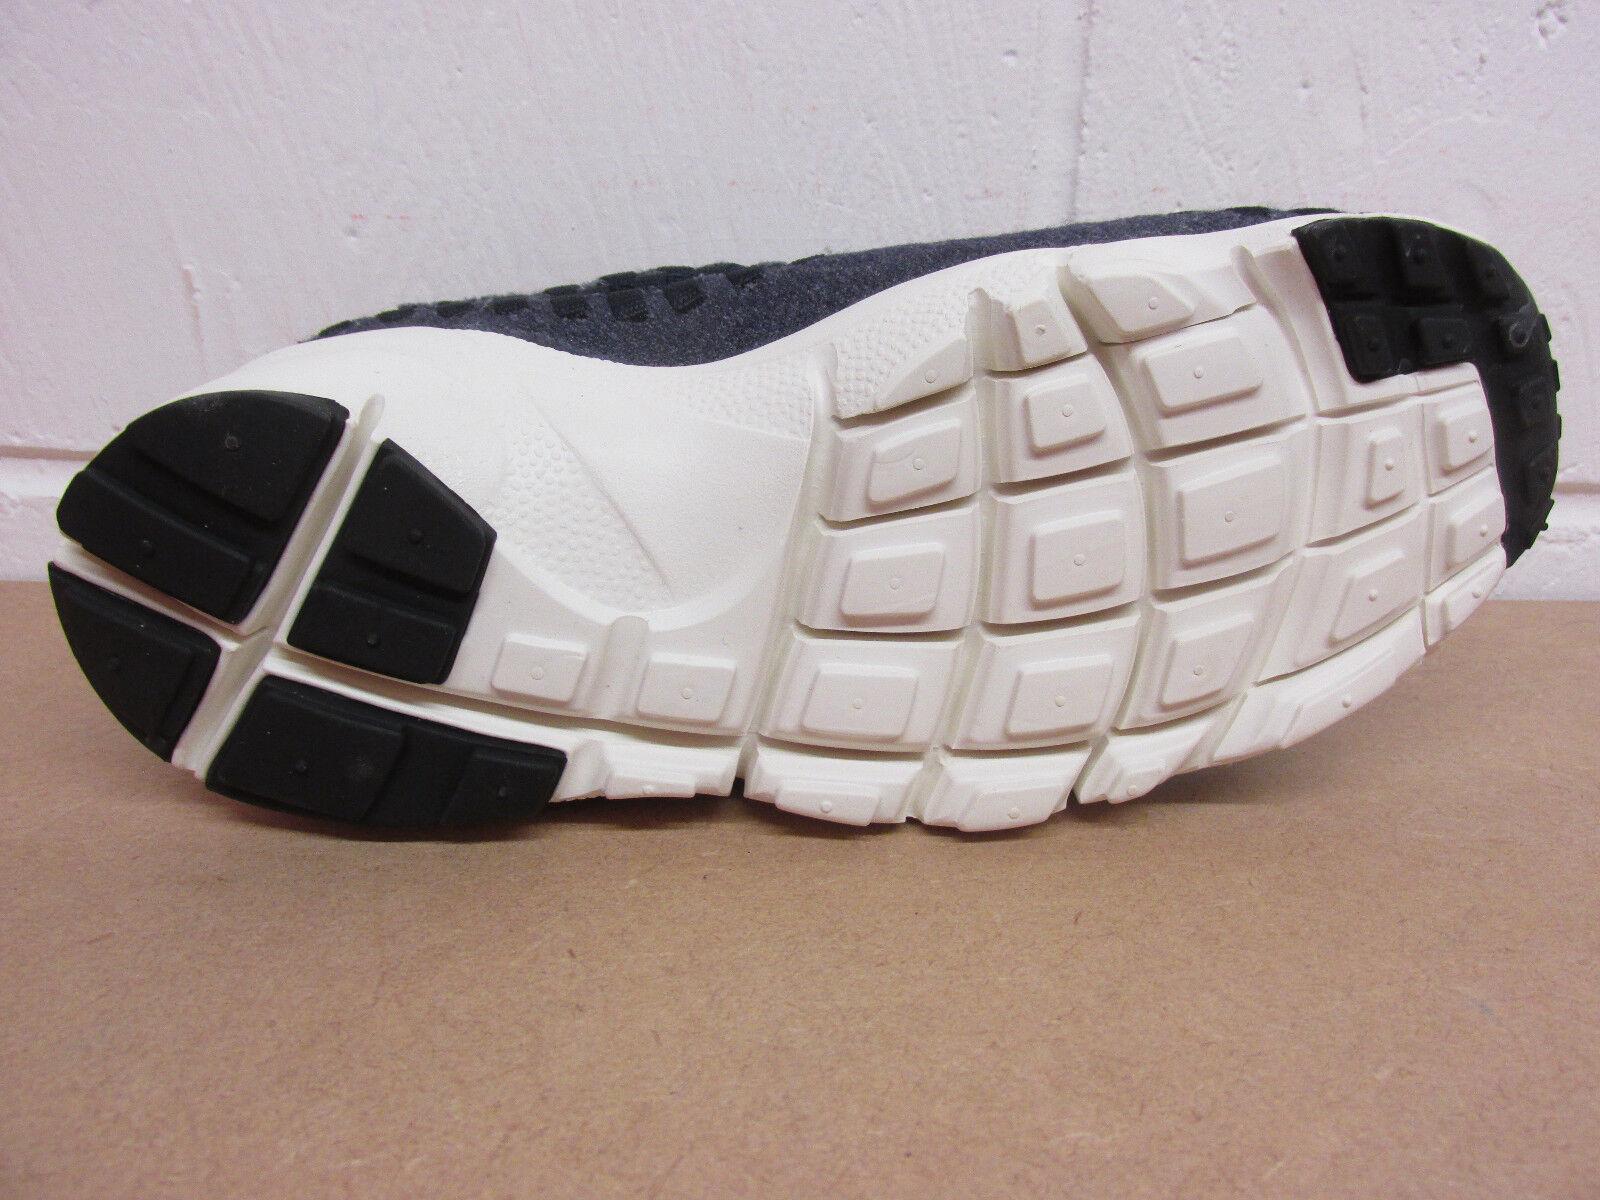 Nike air footscape footscape footscape intrecciato - chukka, se scarpe sportliche  Herren 857874 400 da b0519f